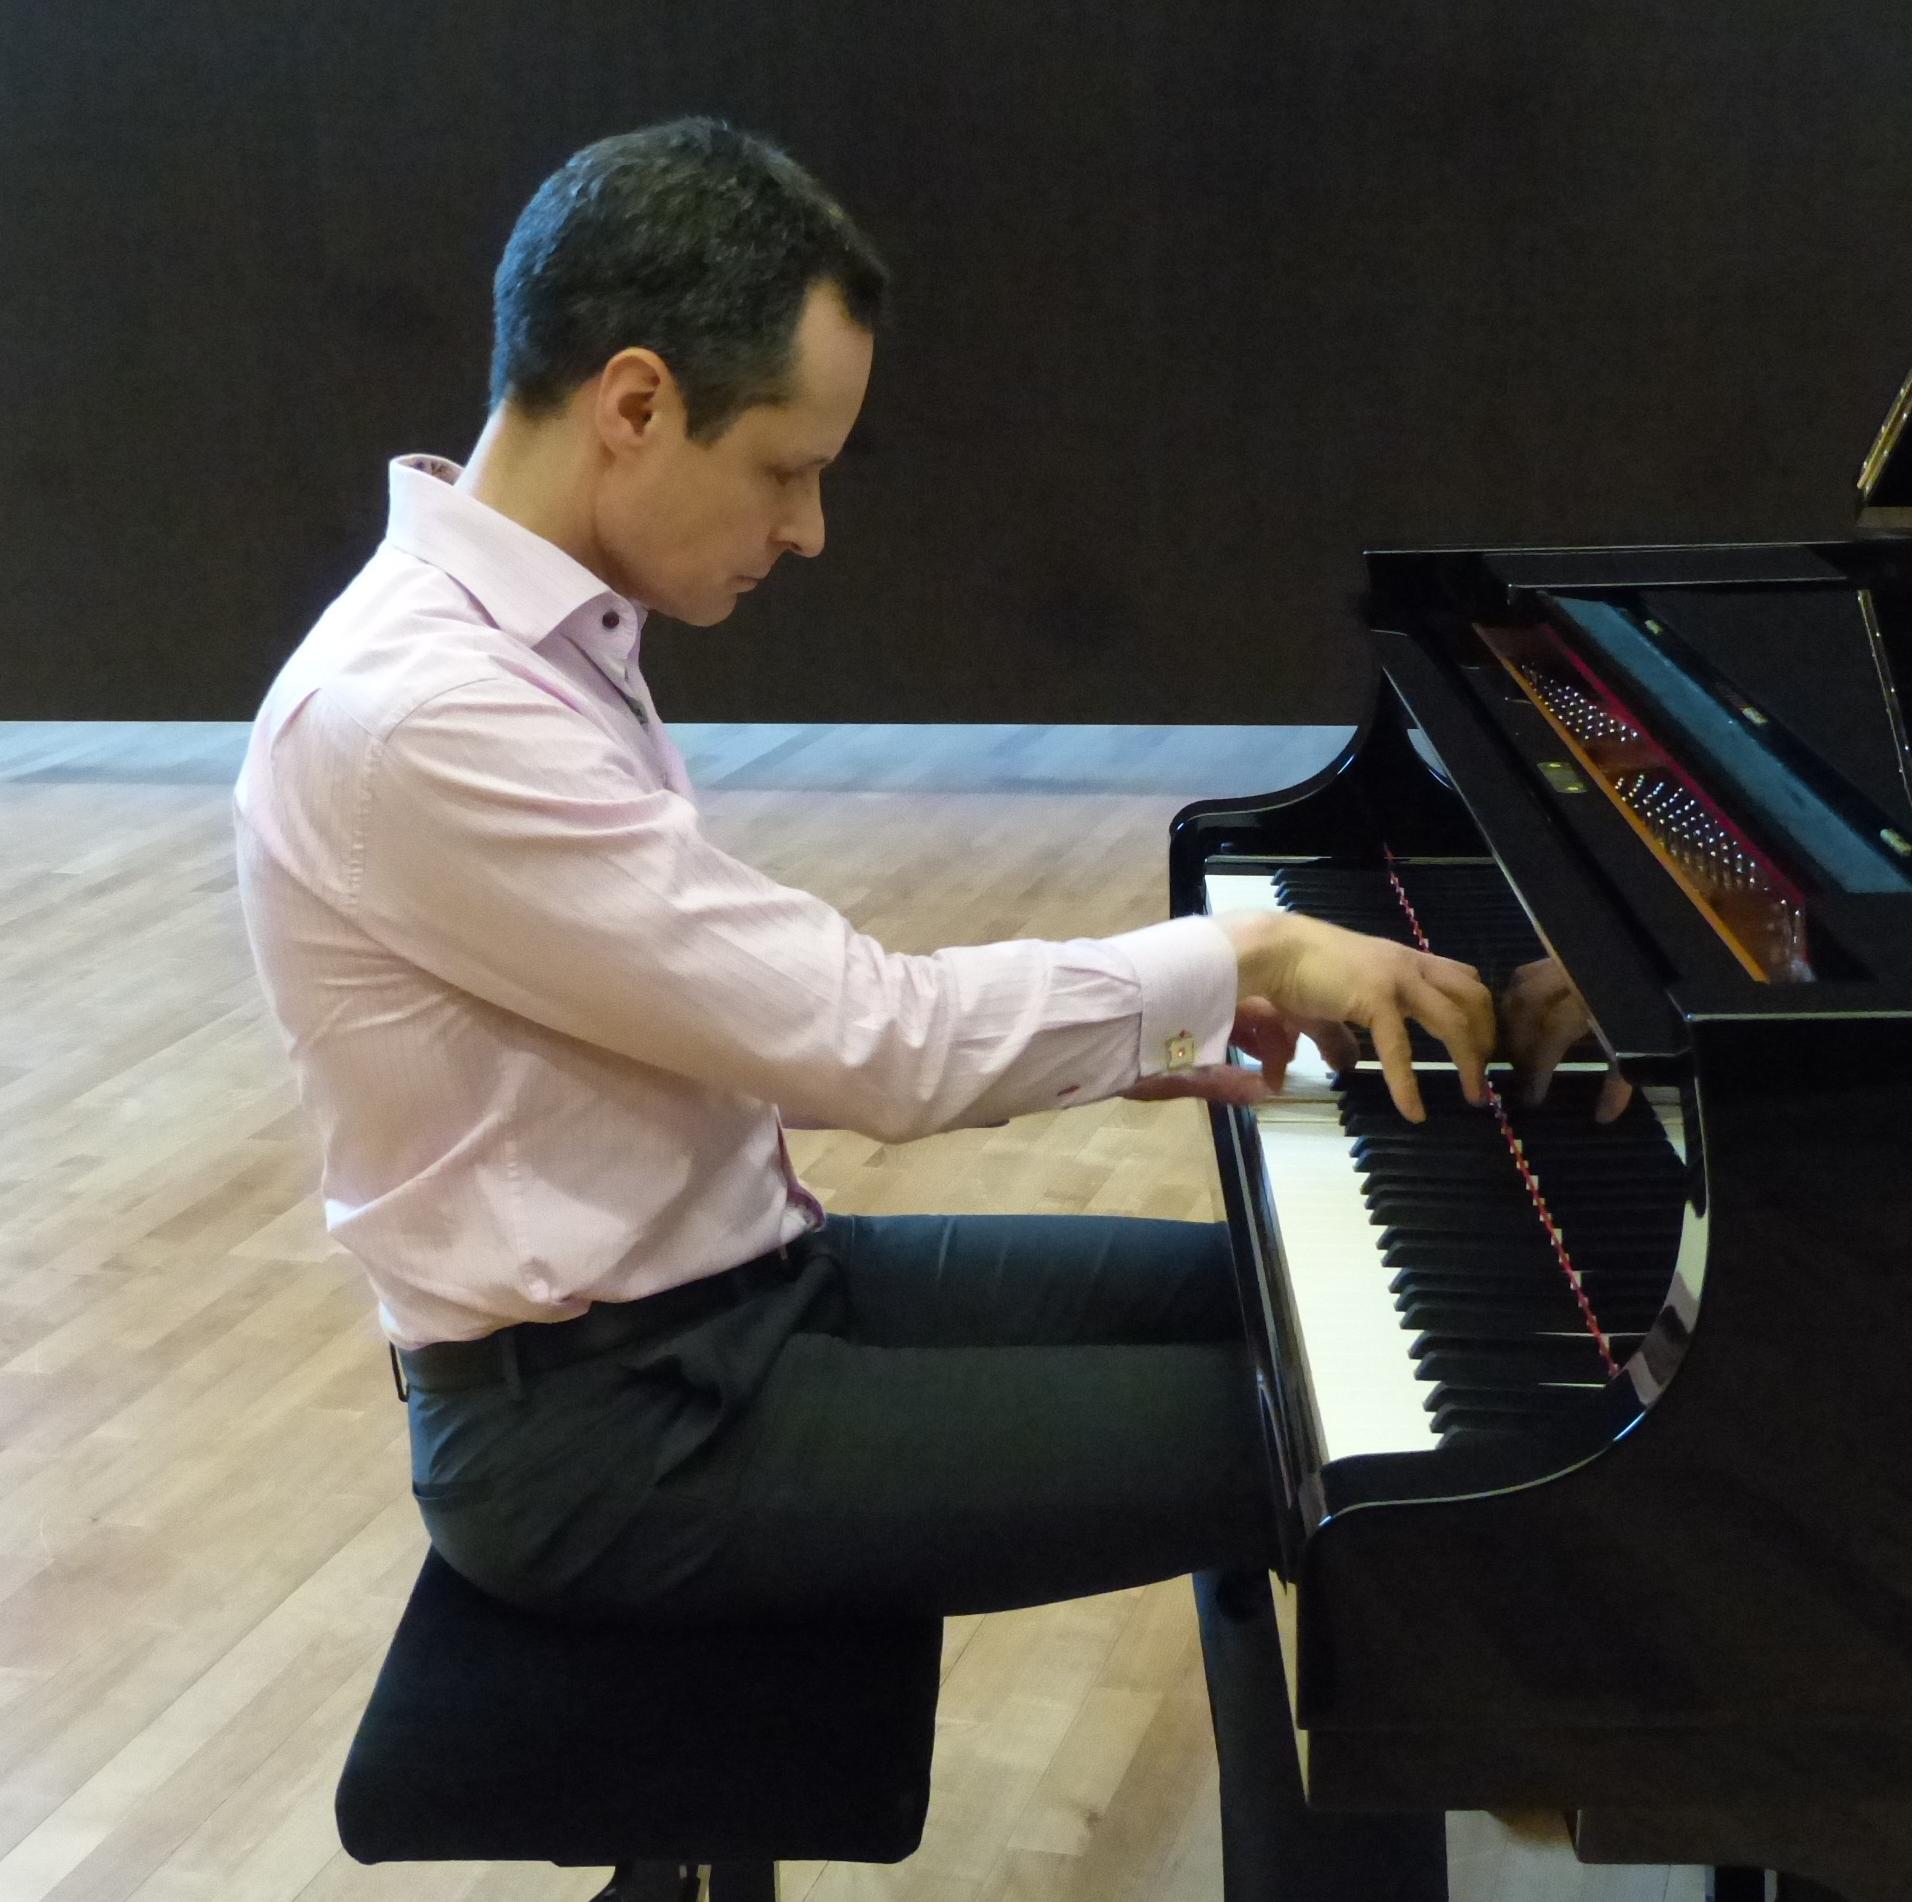 Concert Etienne GOEPP - Le 24 octobre